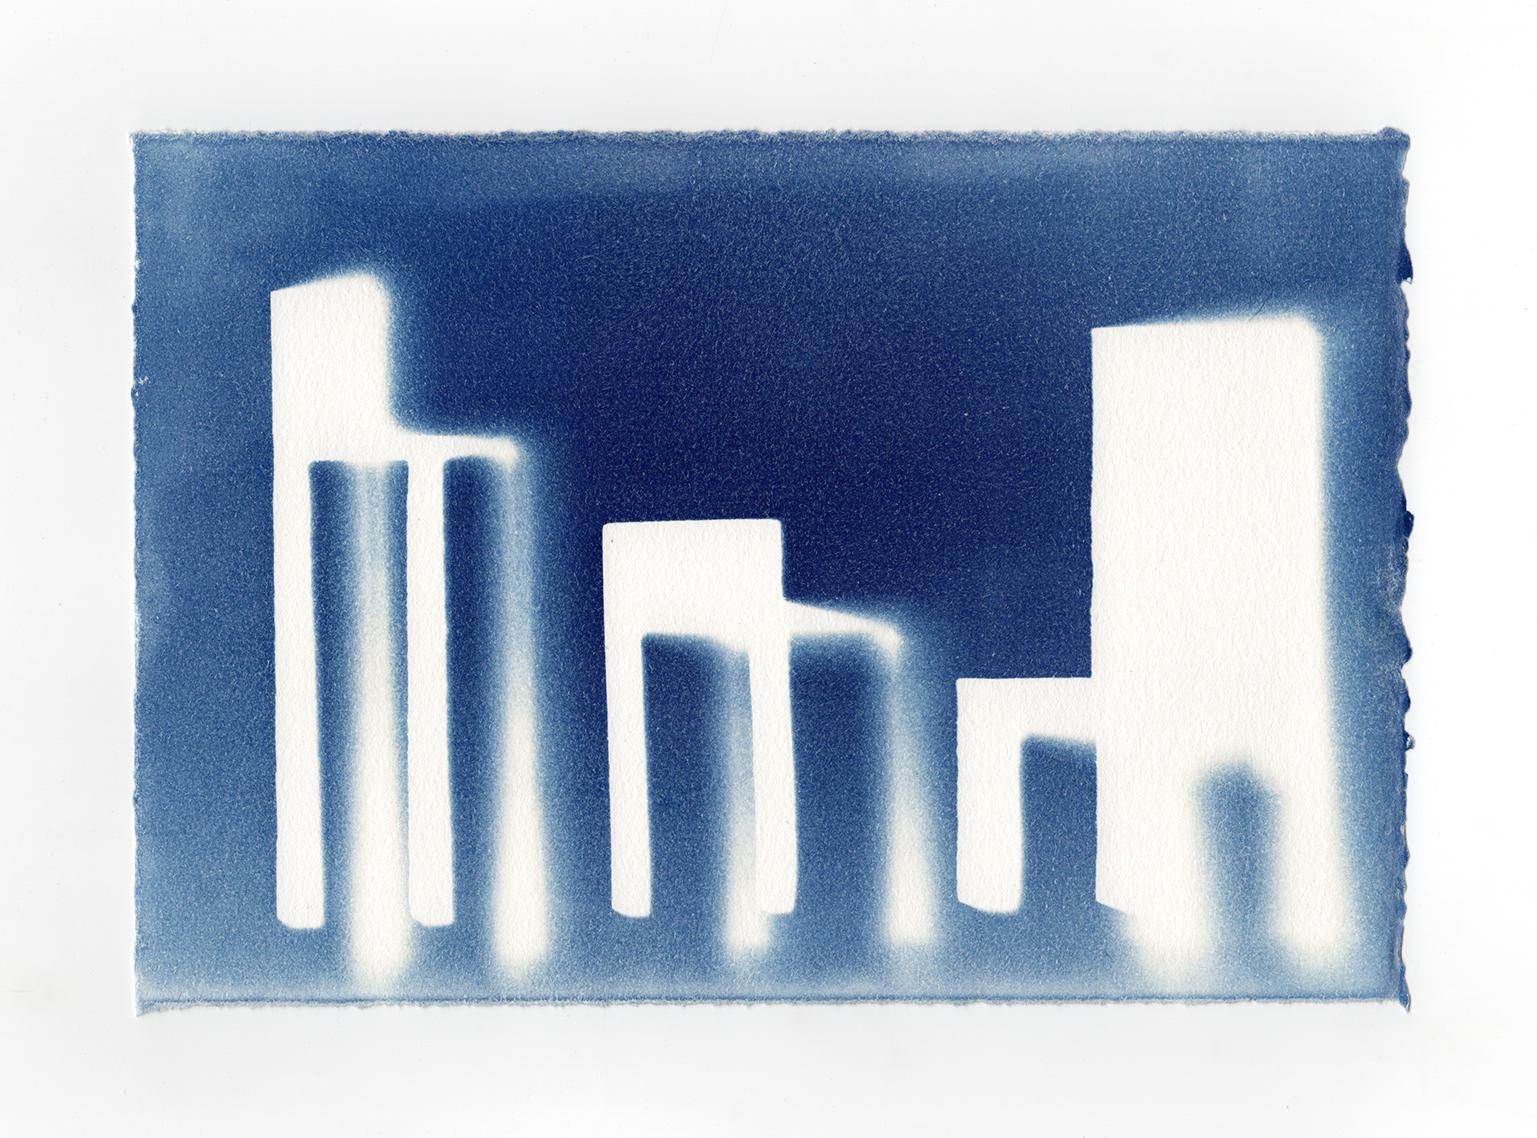 S/M/L I 2014 I cyanotype print on paper I 10.75 x 7.4